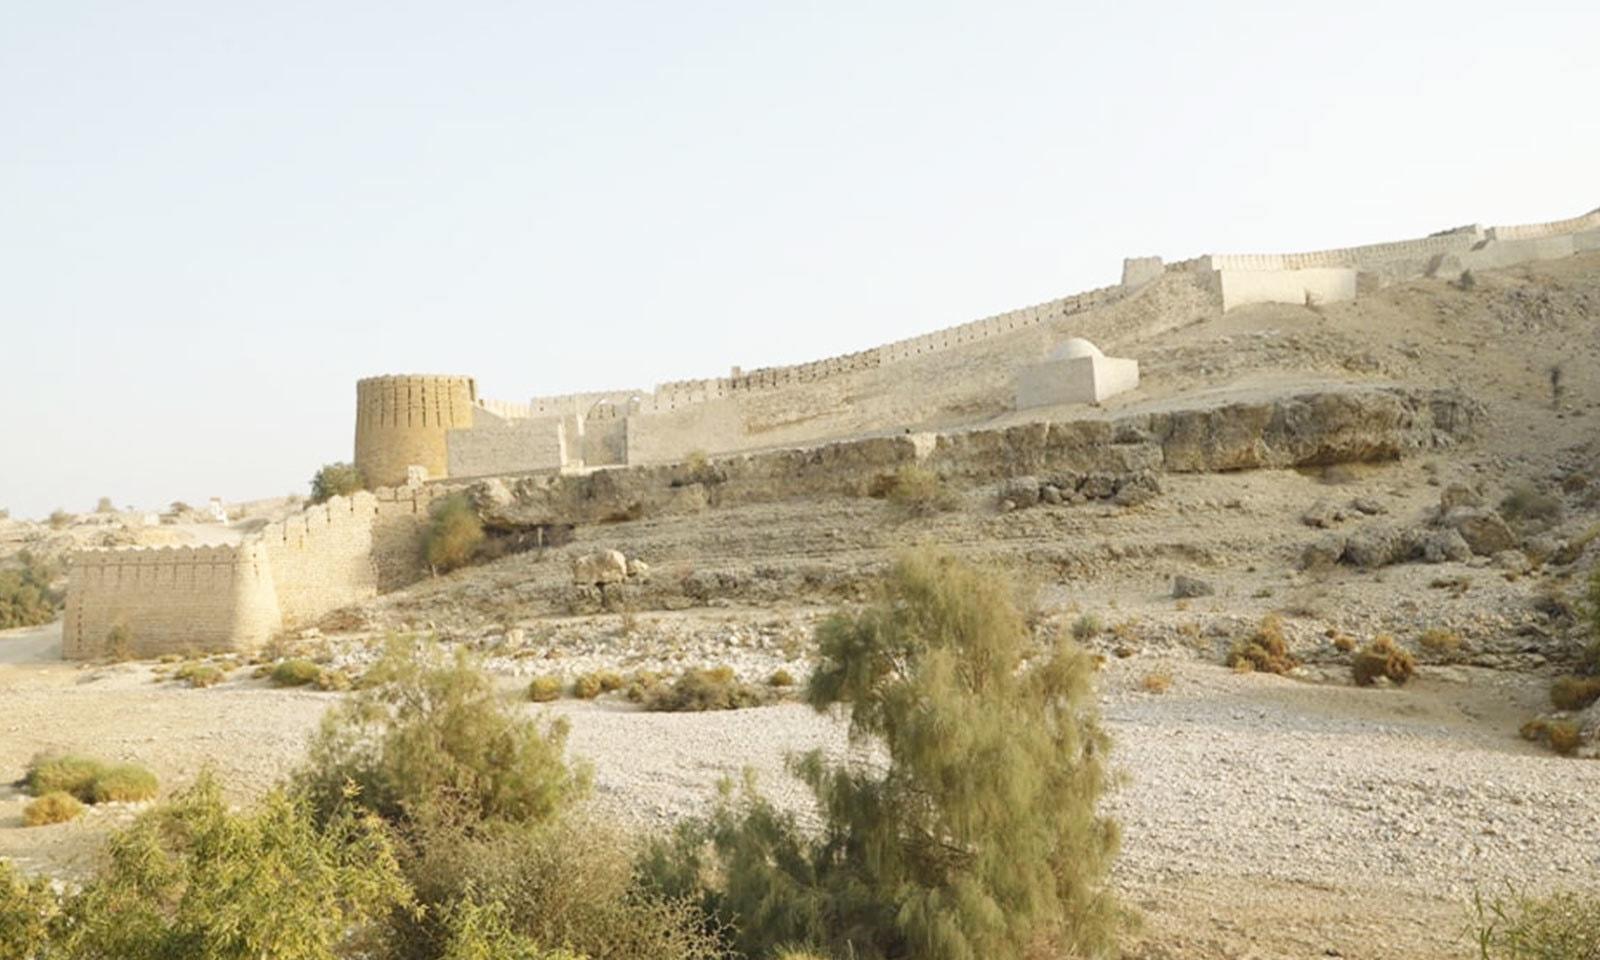 پہاڑوں کے دامن میں واقع ہونے کے باوجود قلعے کی زمین زرخیز ہے—فوٹو: شفقت حسین